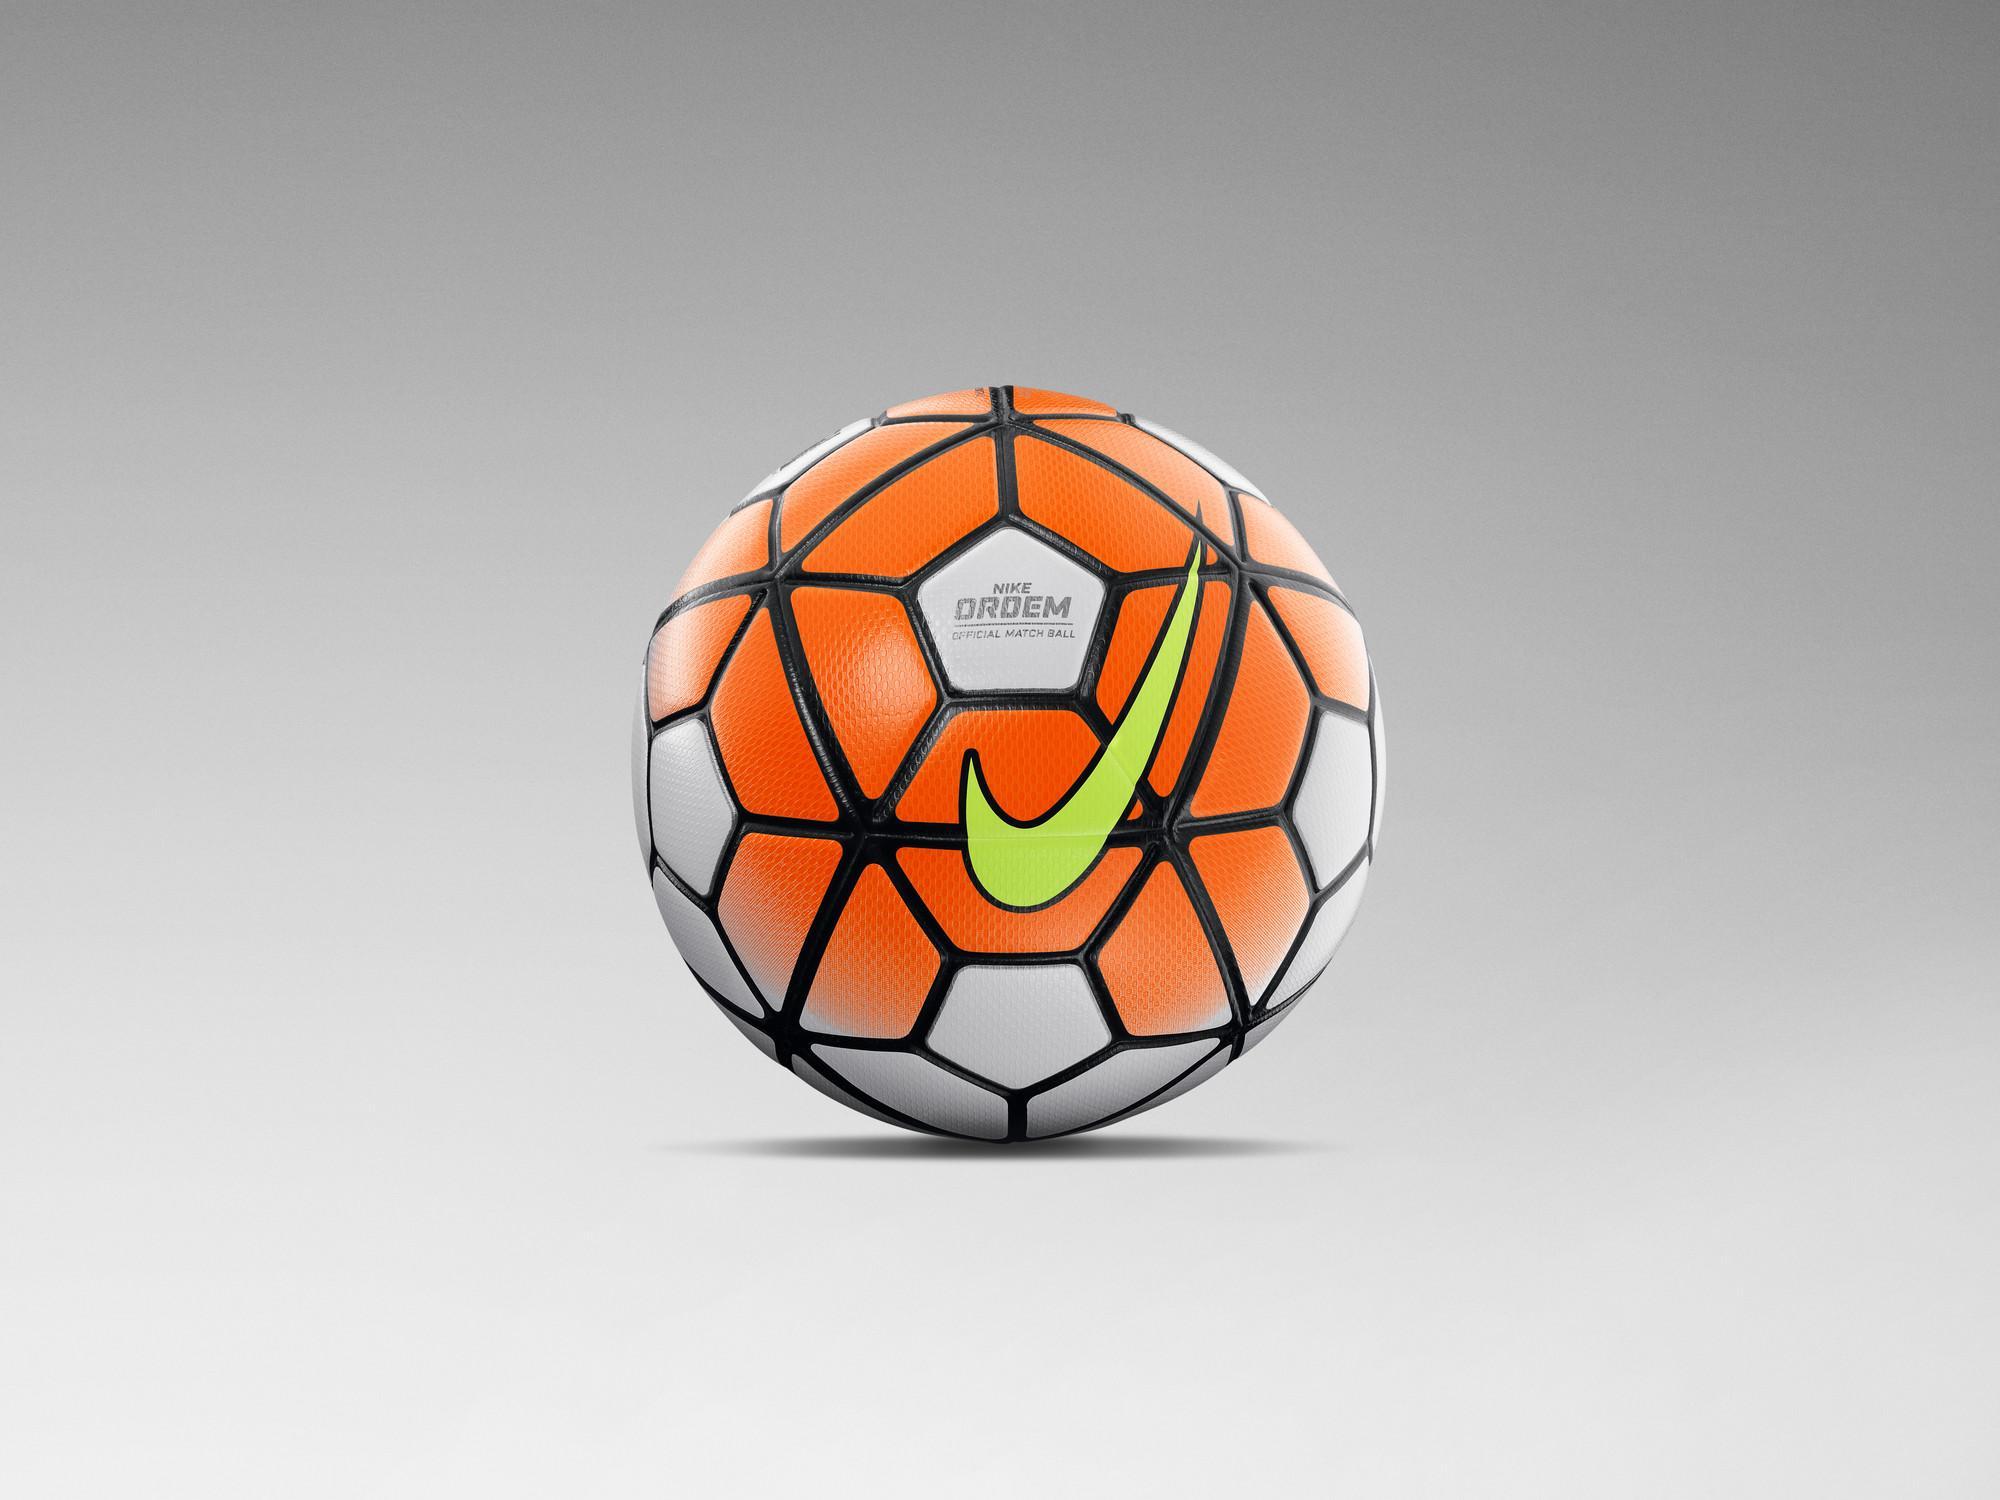 Nike et la fff collaborent pour fournir les ballons des comp titions nationales footpack - Coupe d europe de foot 2016 ...